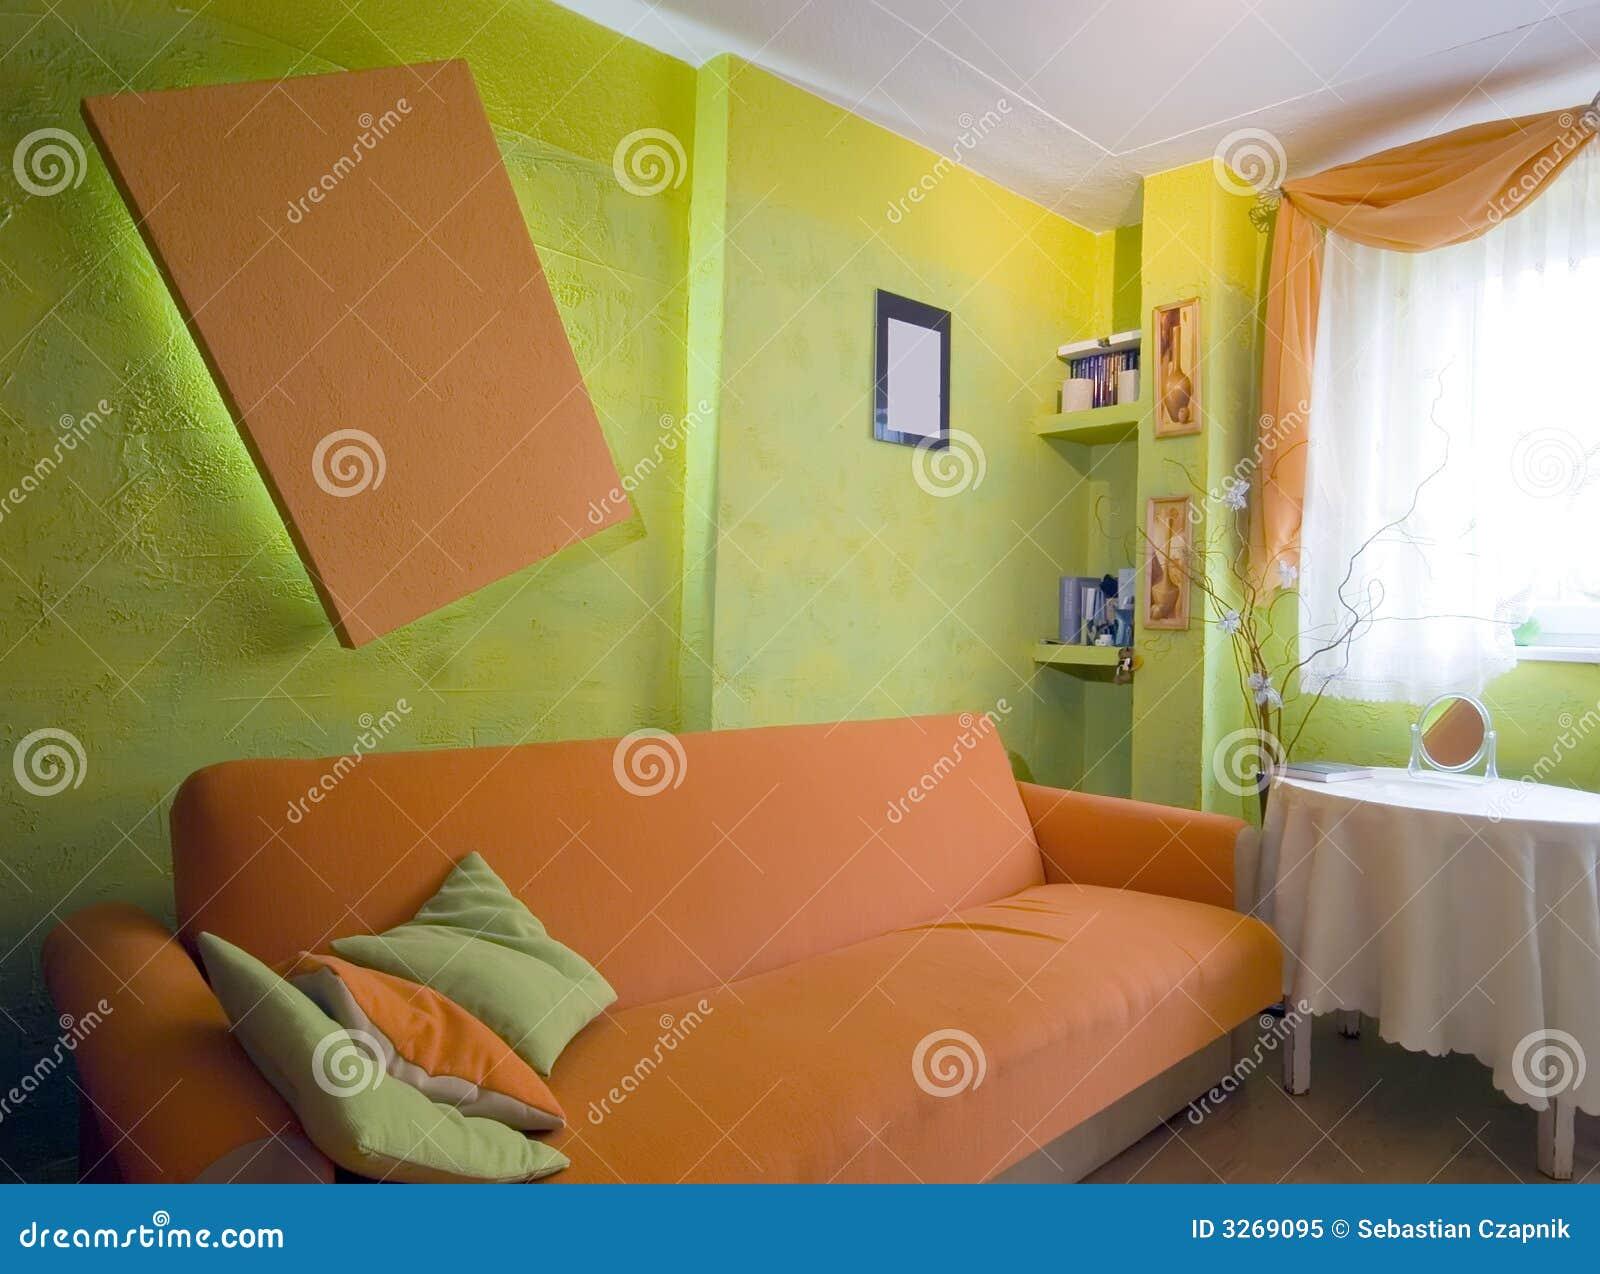 Colore Arancione Pareti Camera Da Letto.Camera Da Letto Arancione Immagine Stock Immagine Di Interiori